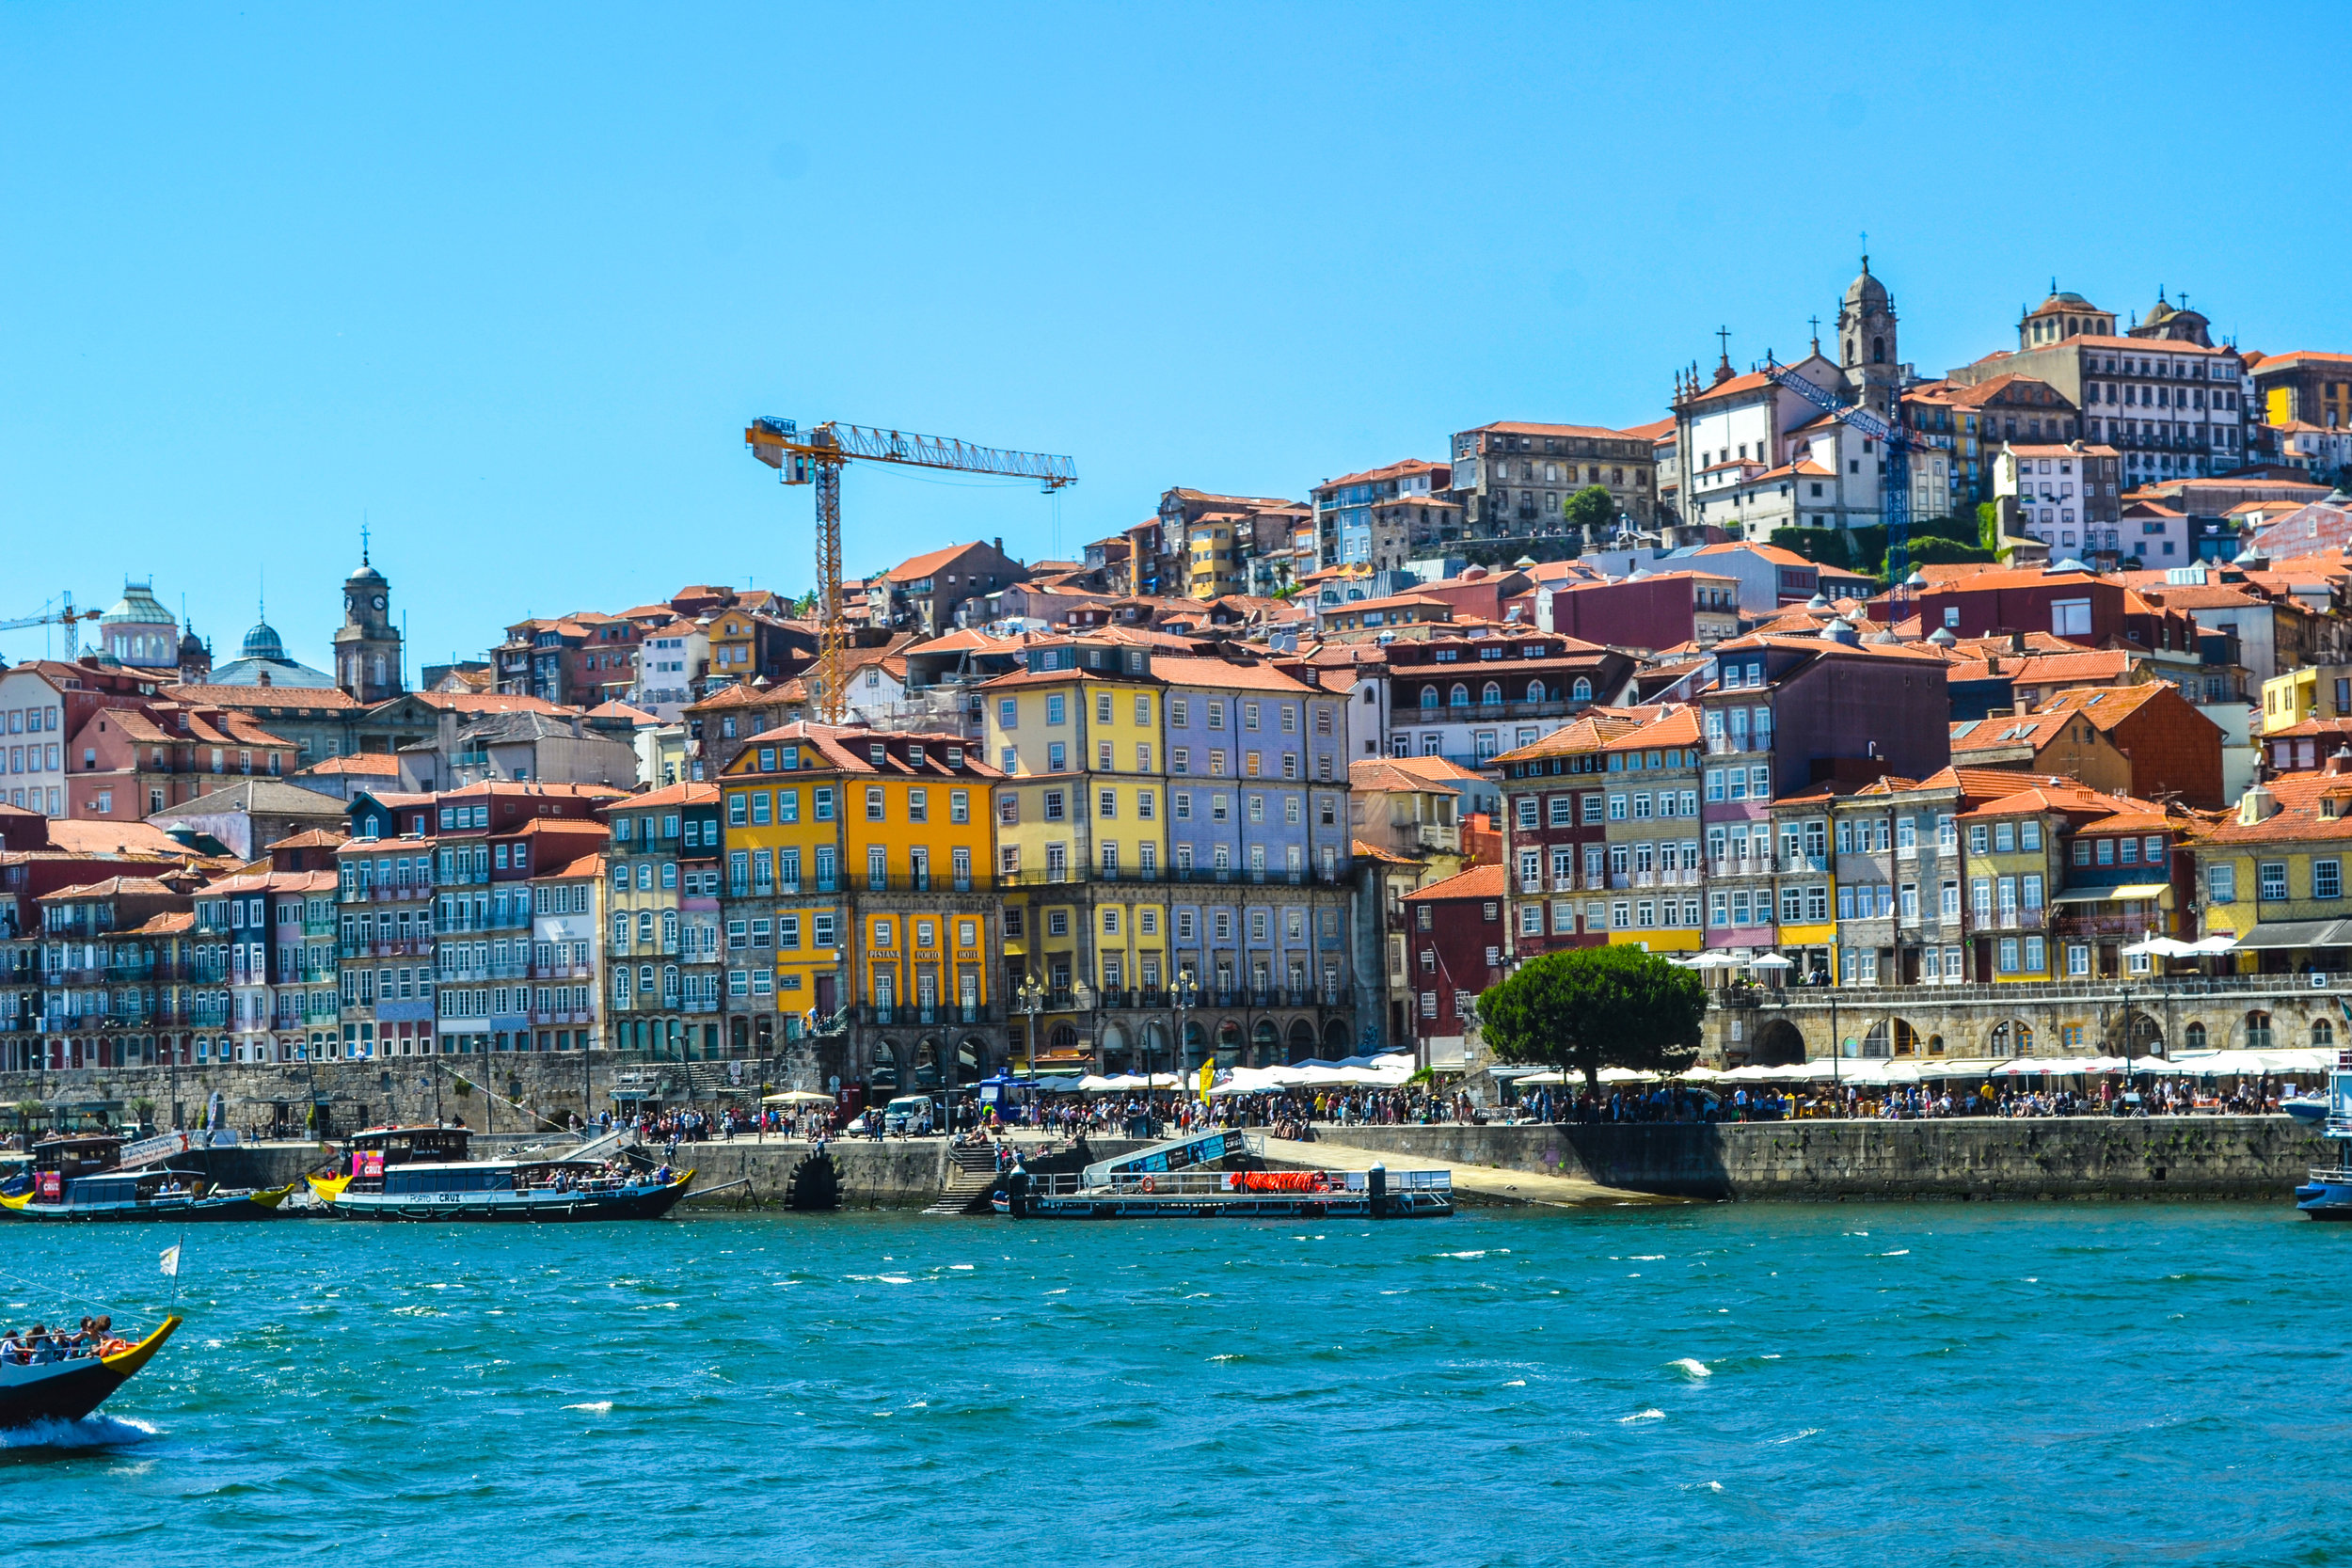 Porto_Cityscape.jpg